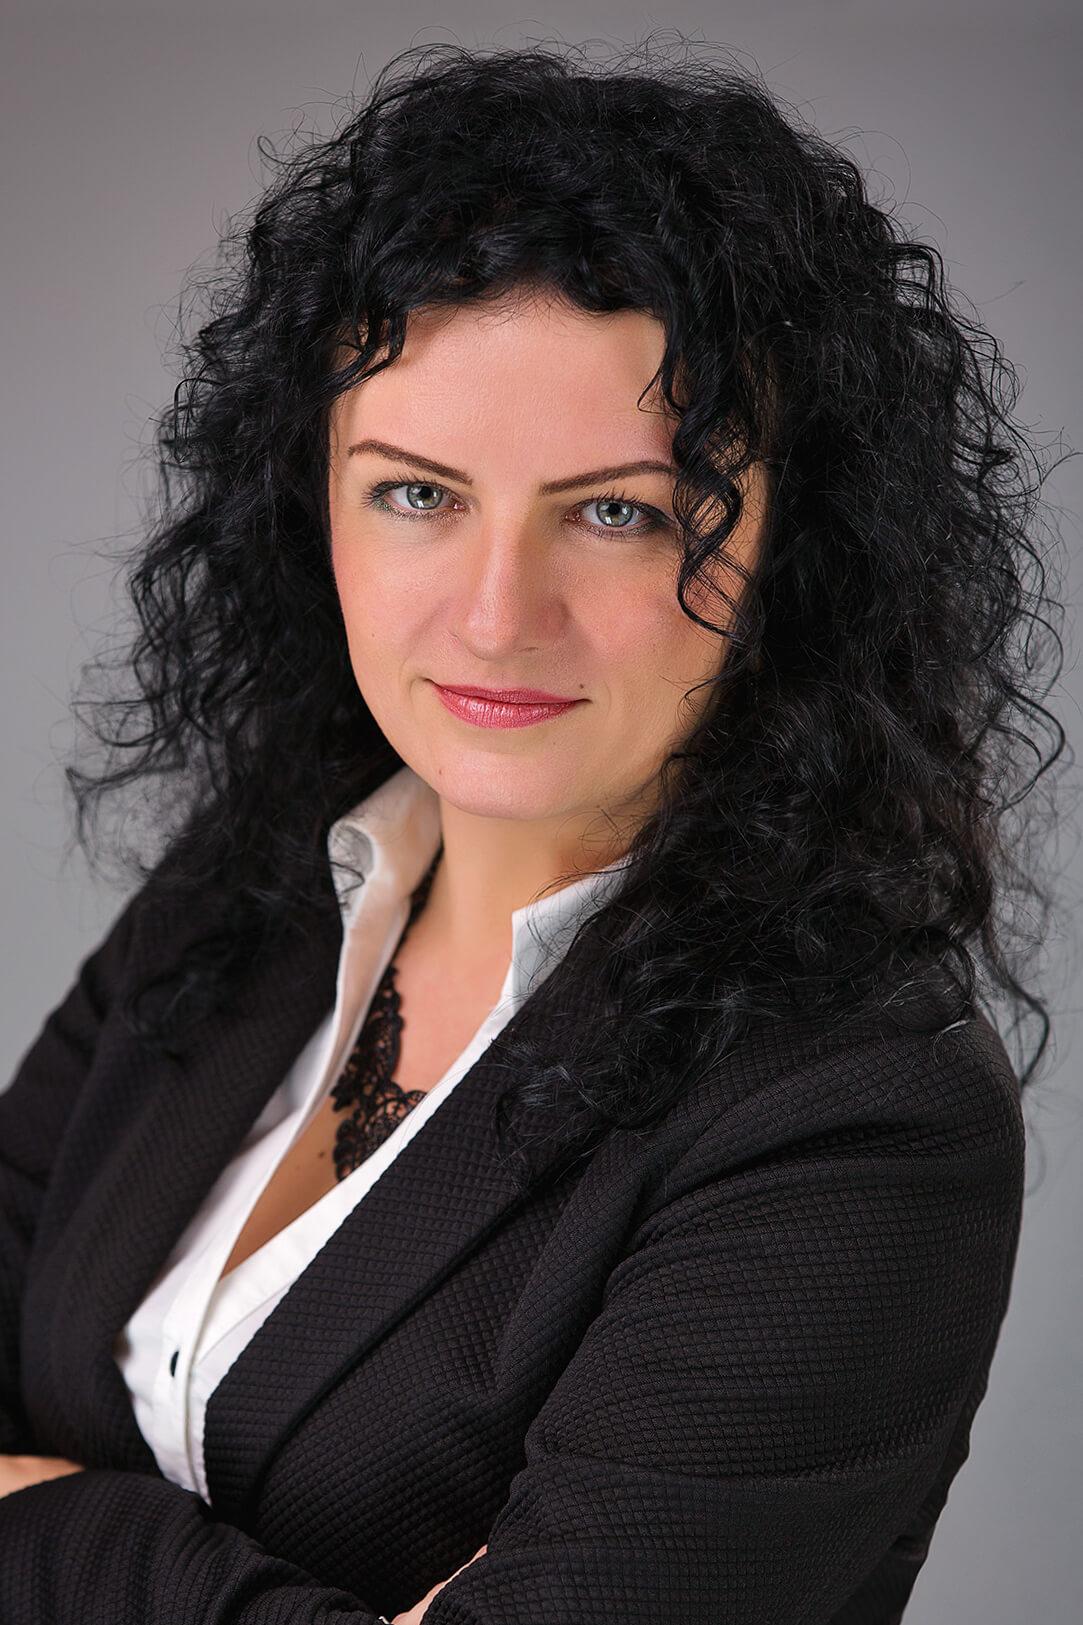 Festivalul de vinuri Selgros Bacău este o inițiativă a echipei conduse de Irina Stănciuc